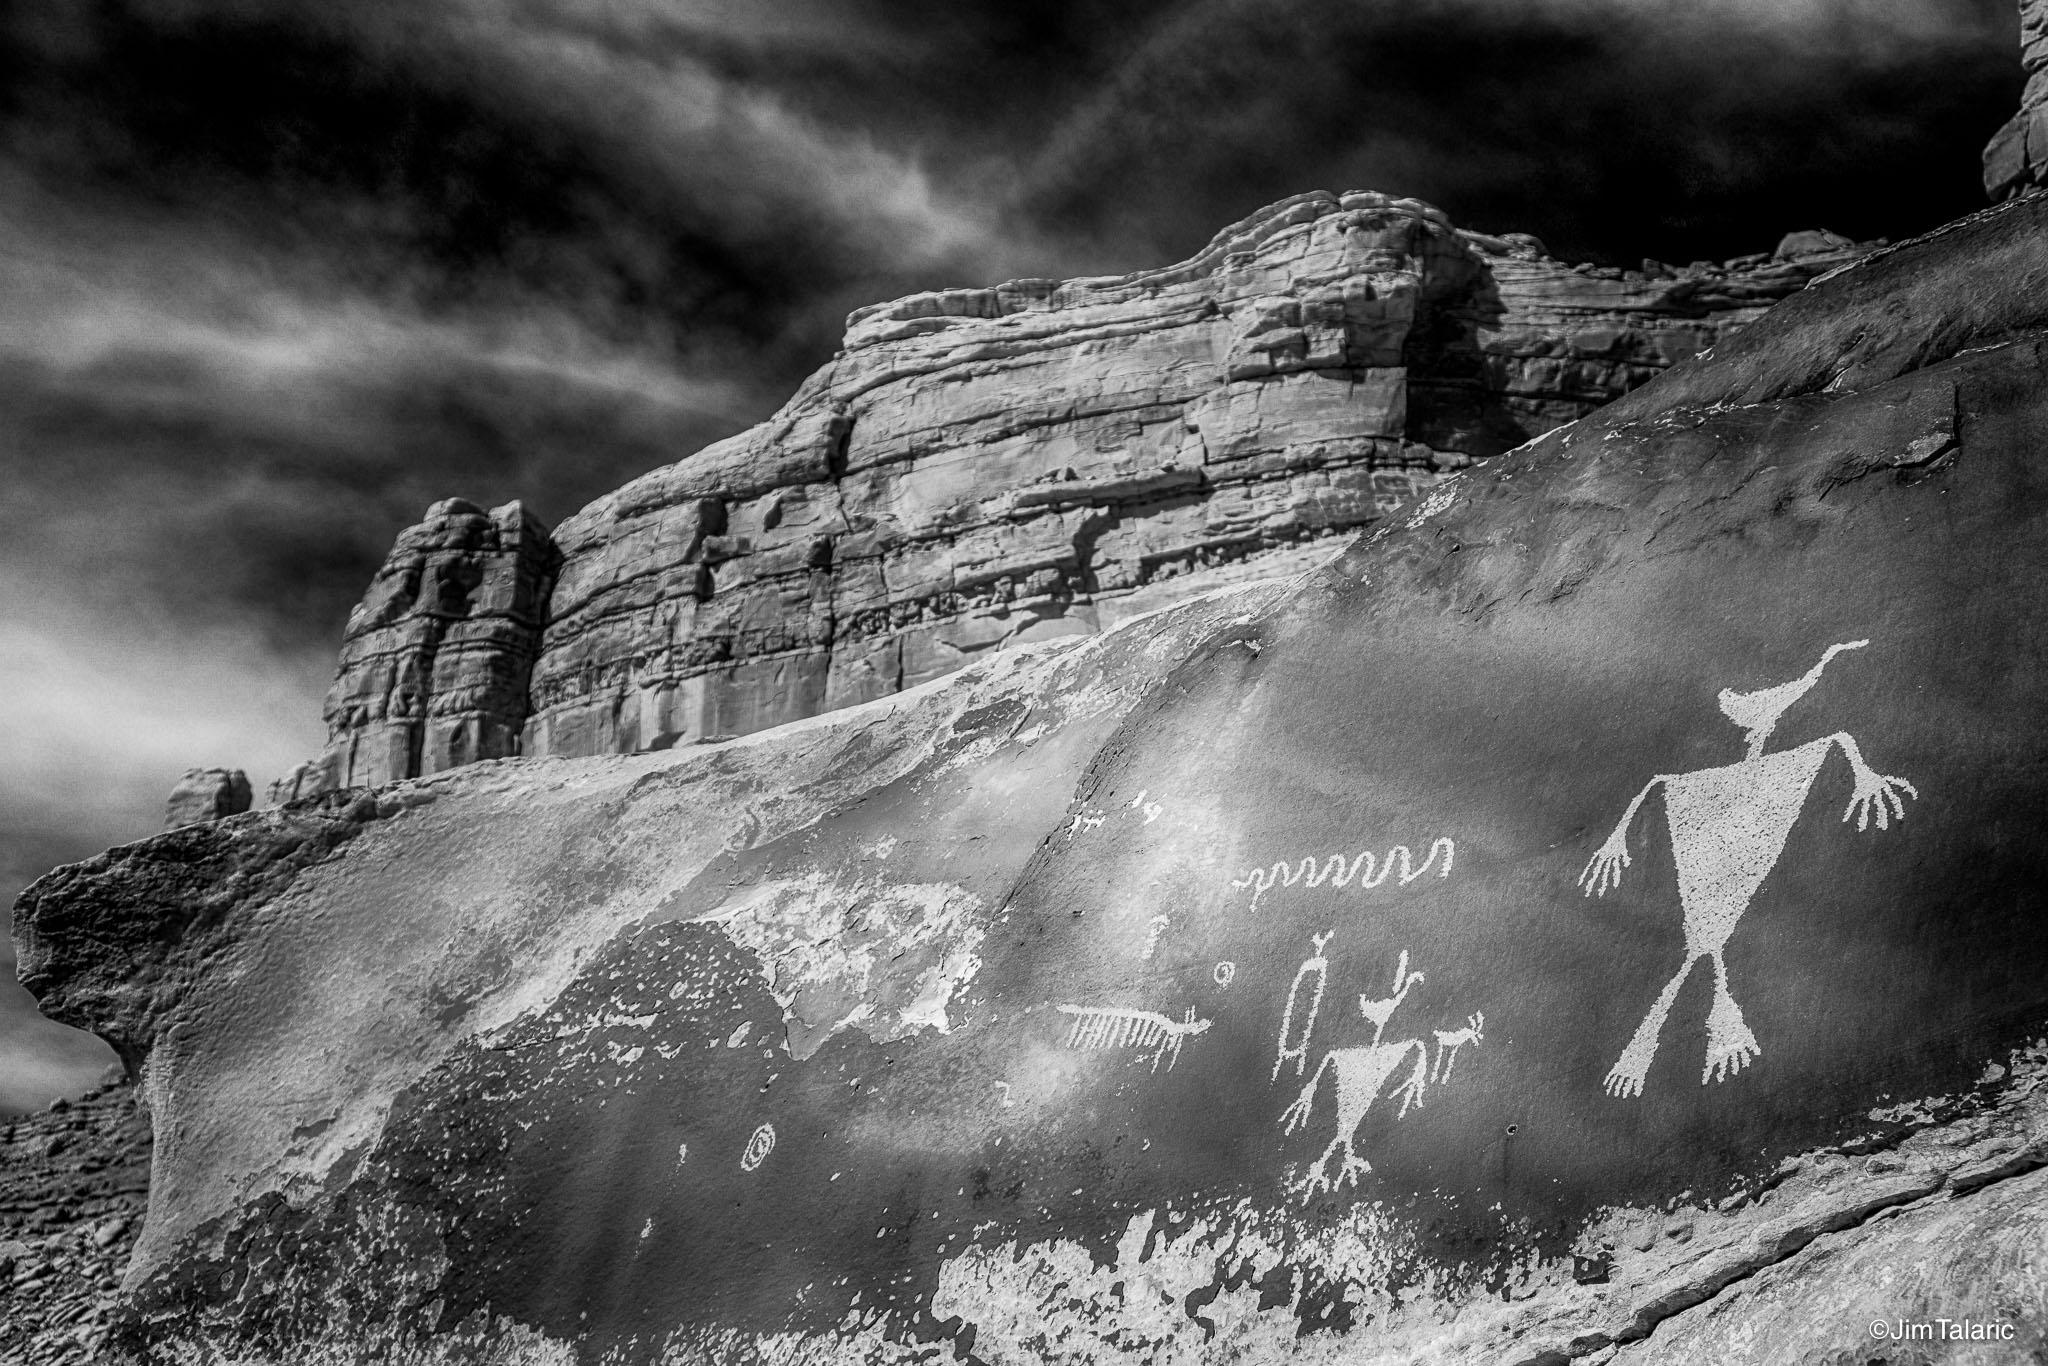 170307-NM-Utah-206_HDR.jpg